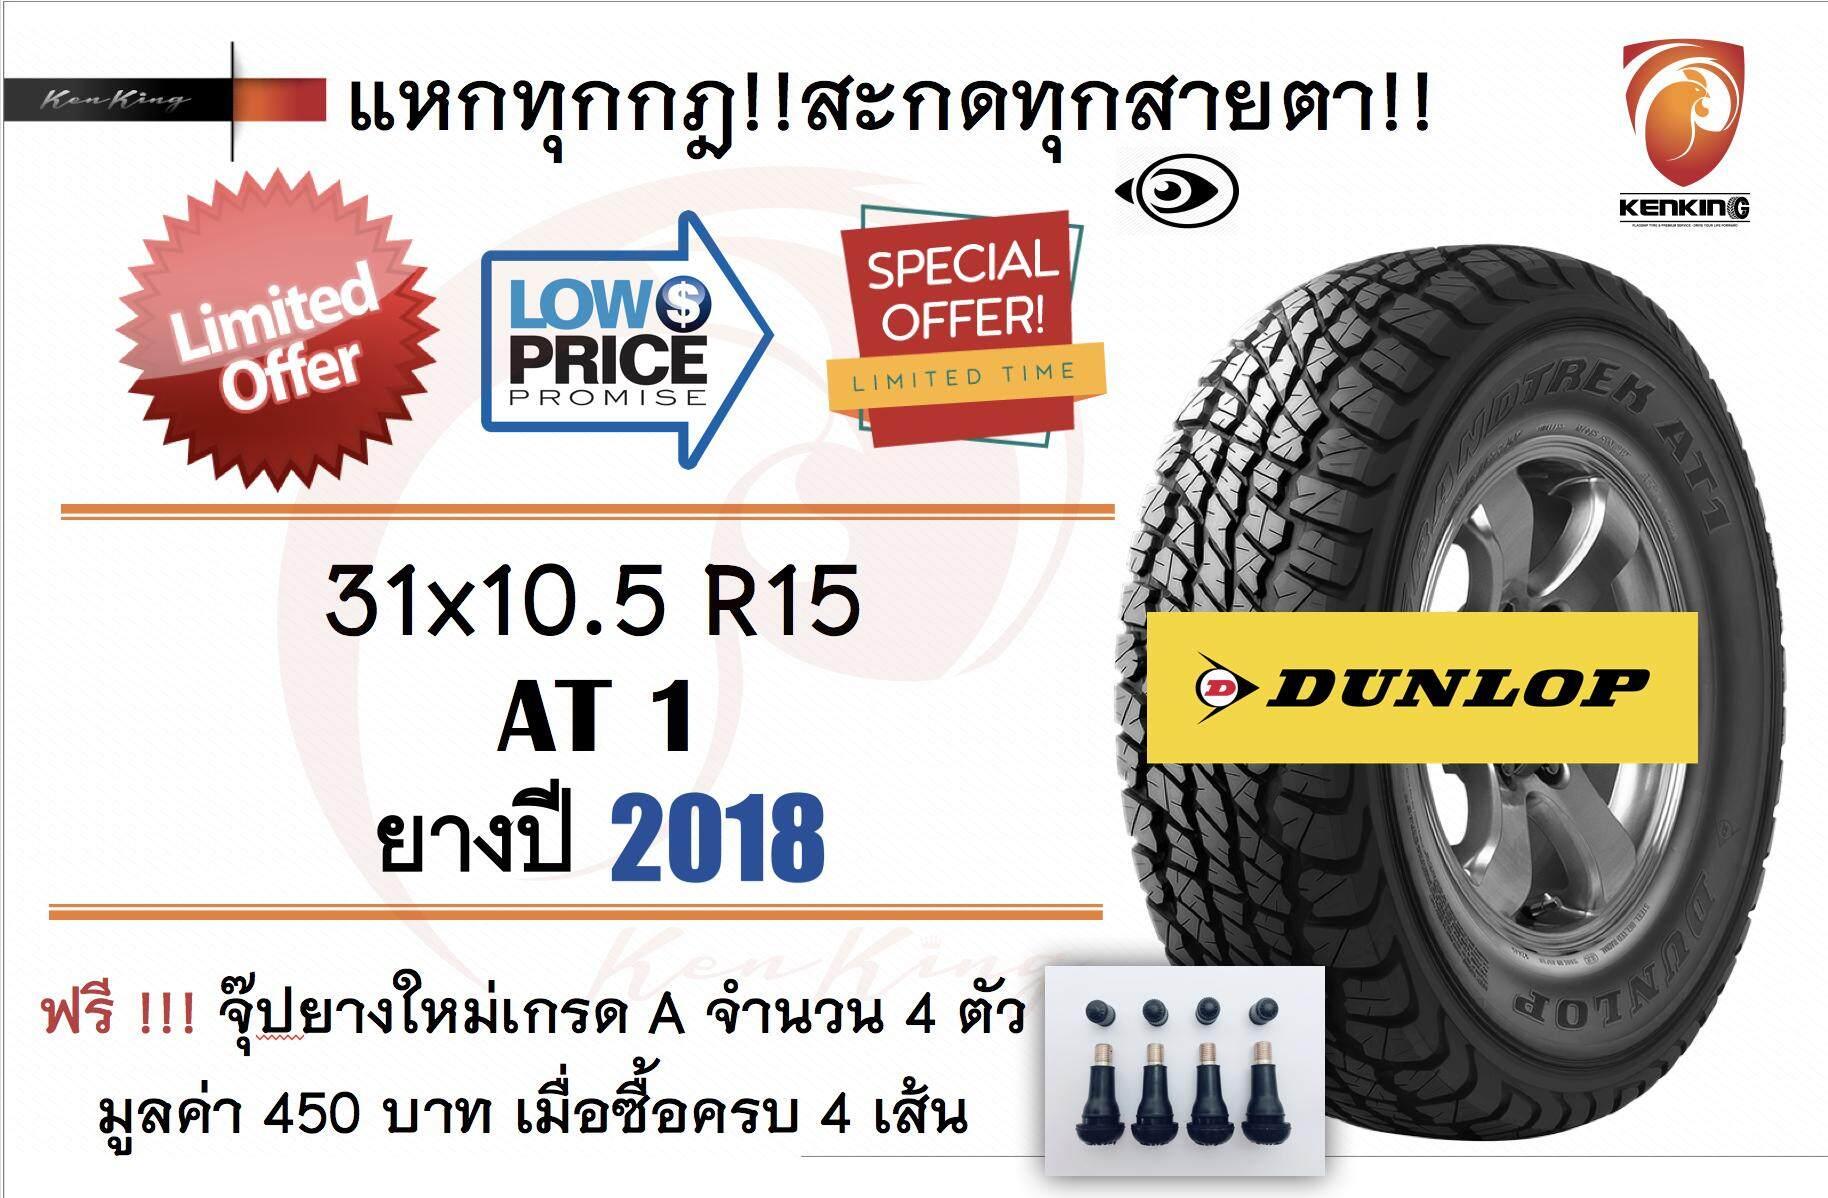 ประกันภัย รถยนต์ ชั้น 3 ราคา ถูก โคราชกรุงเทพมหานคร ยางรถยนต์ขอบ15 Dunlop  NEW   31x10.5 R15 AT1 New 2019    ( 1 เส้น ) FREE    จุ๊ป PREMIUM BY KENKING POWER 650 บาท MADE IN JAPAN แท้ (ลิขสิทธิืแท้รายเดียว)